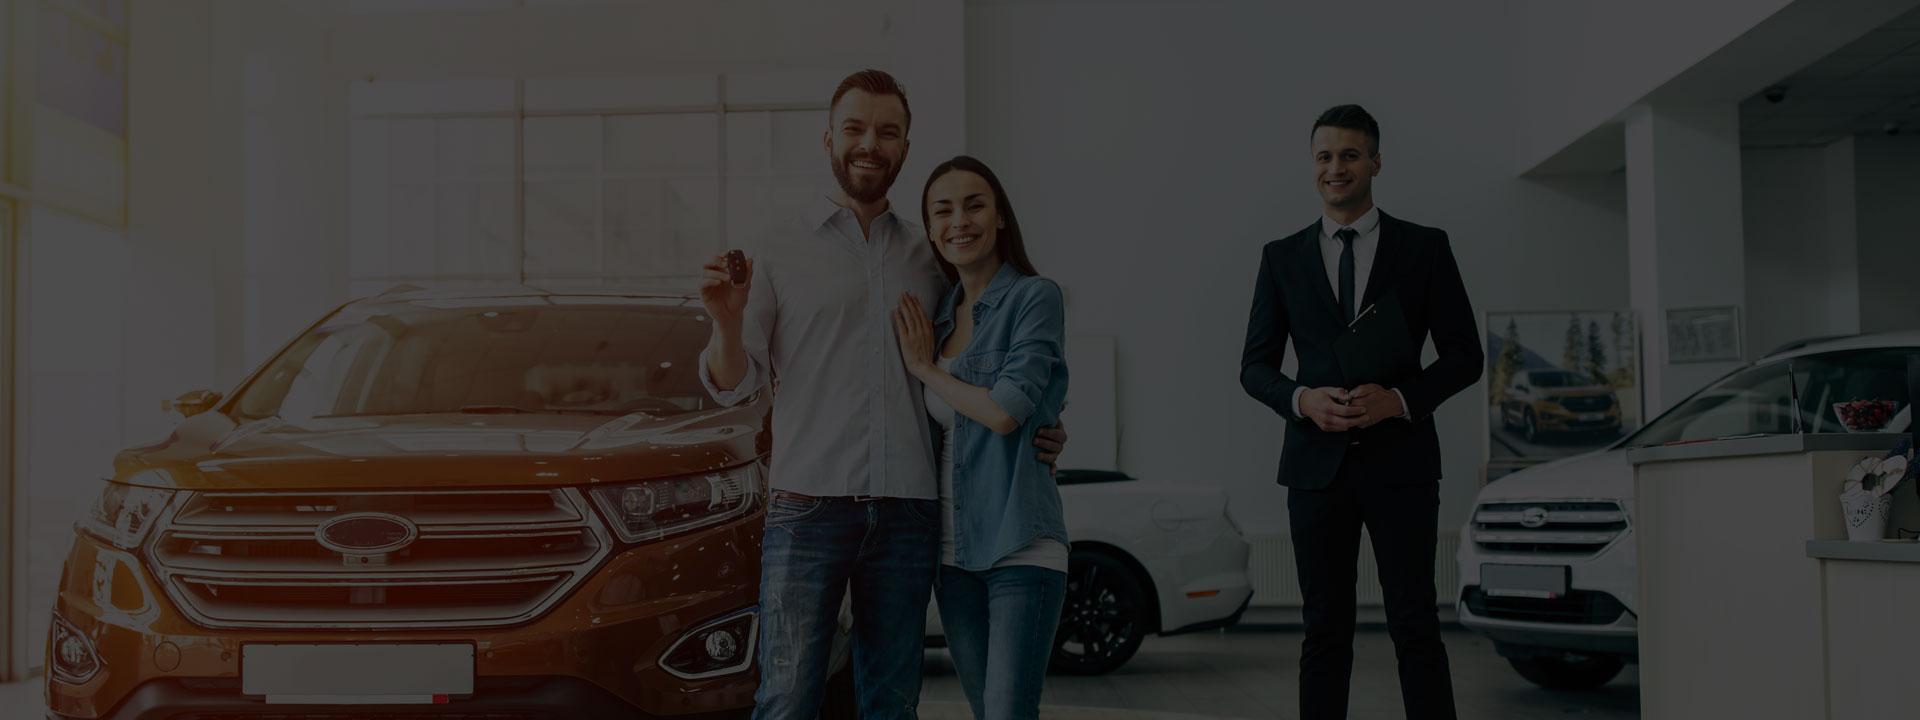 L'achat de voiture 3